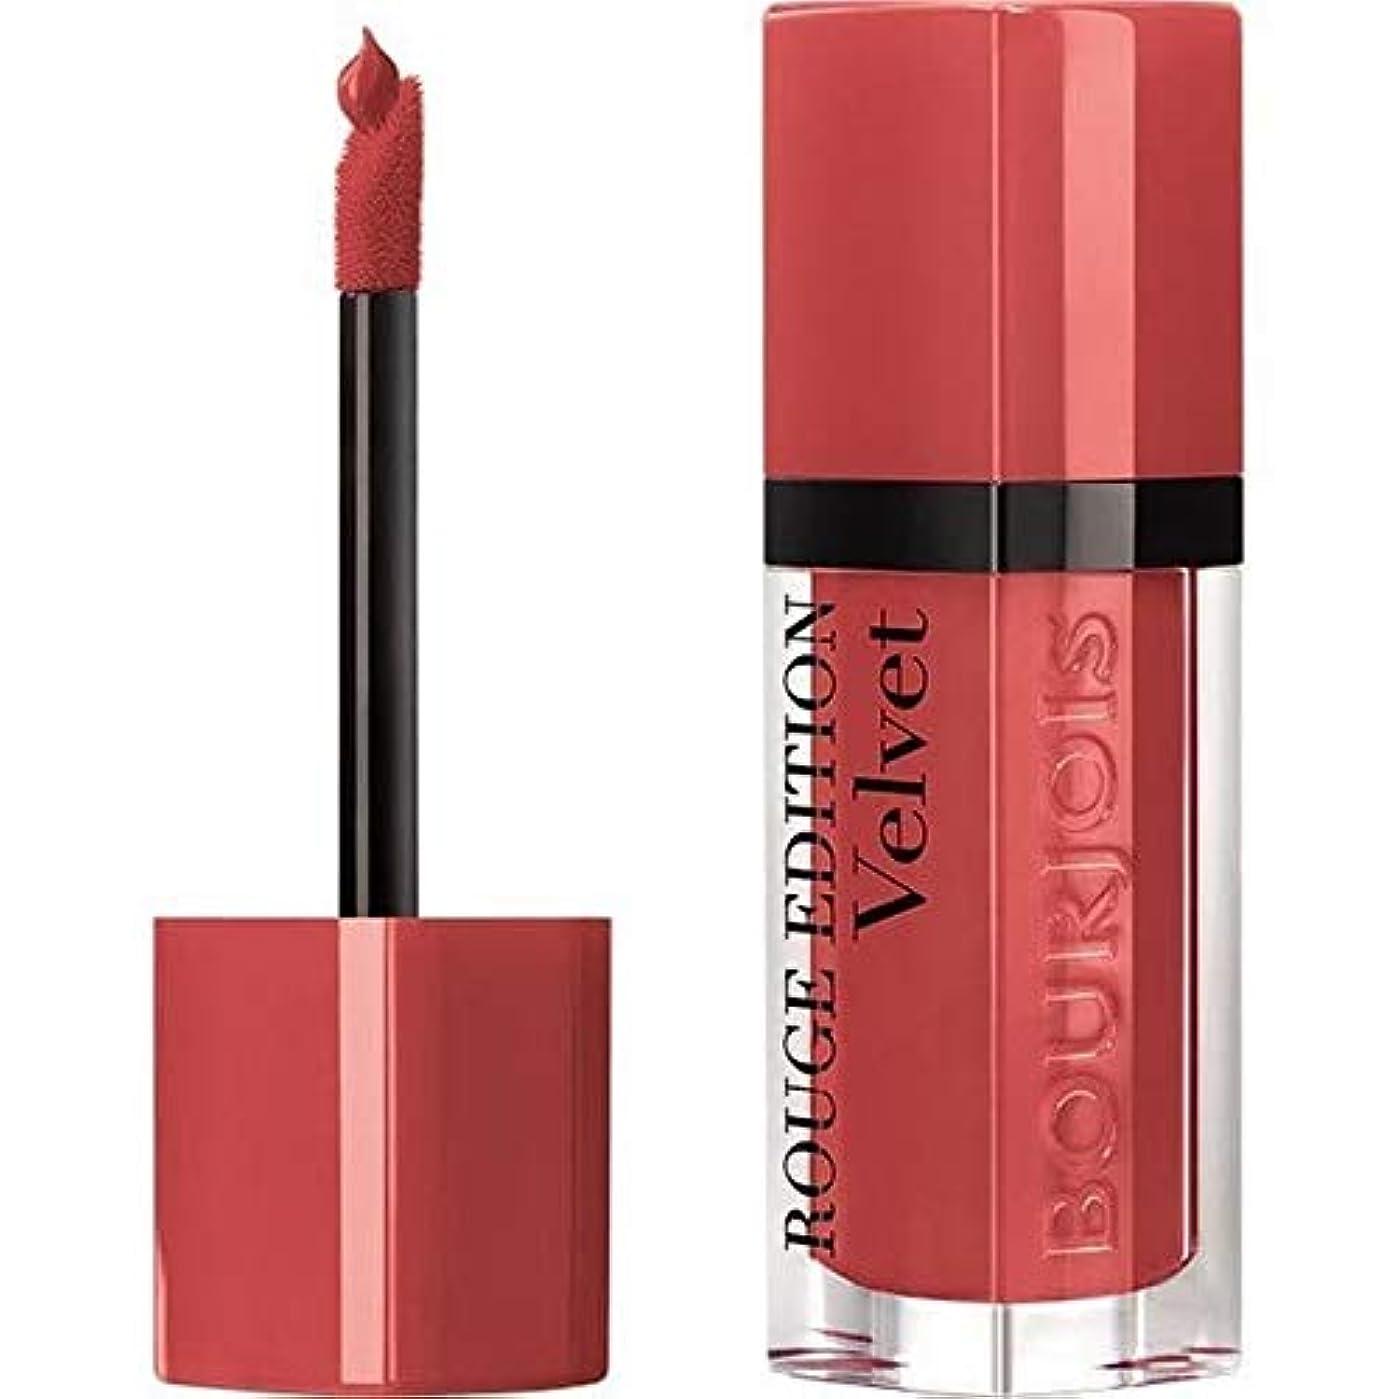 製油所甘やかすリル[Bourjois ] ブルジョワルージュ版ベルベットの口紅の桃クラブ4 - Bourjois Rouge Edition Velvet lipstick Peach Club 4 [並行輸入品]